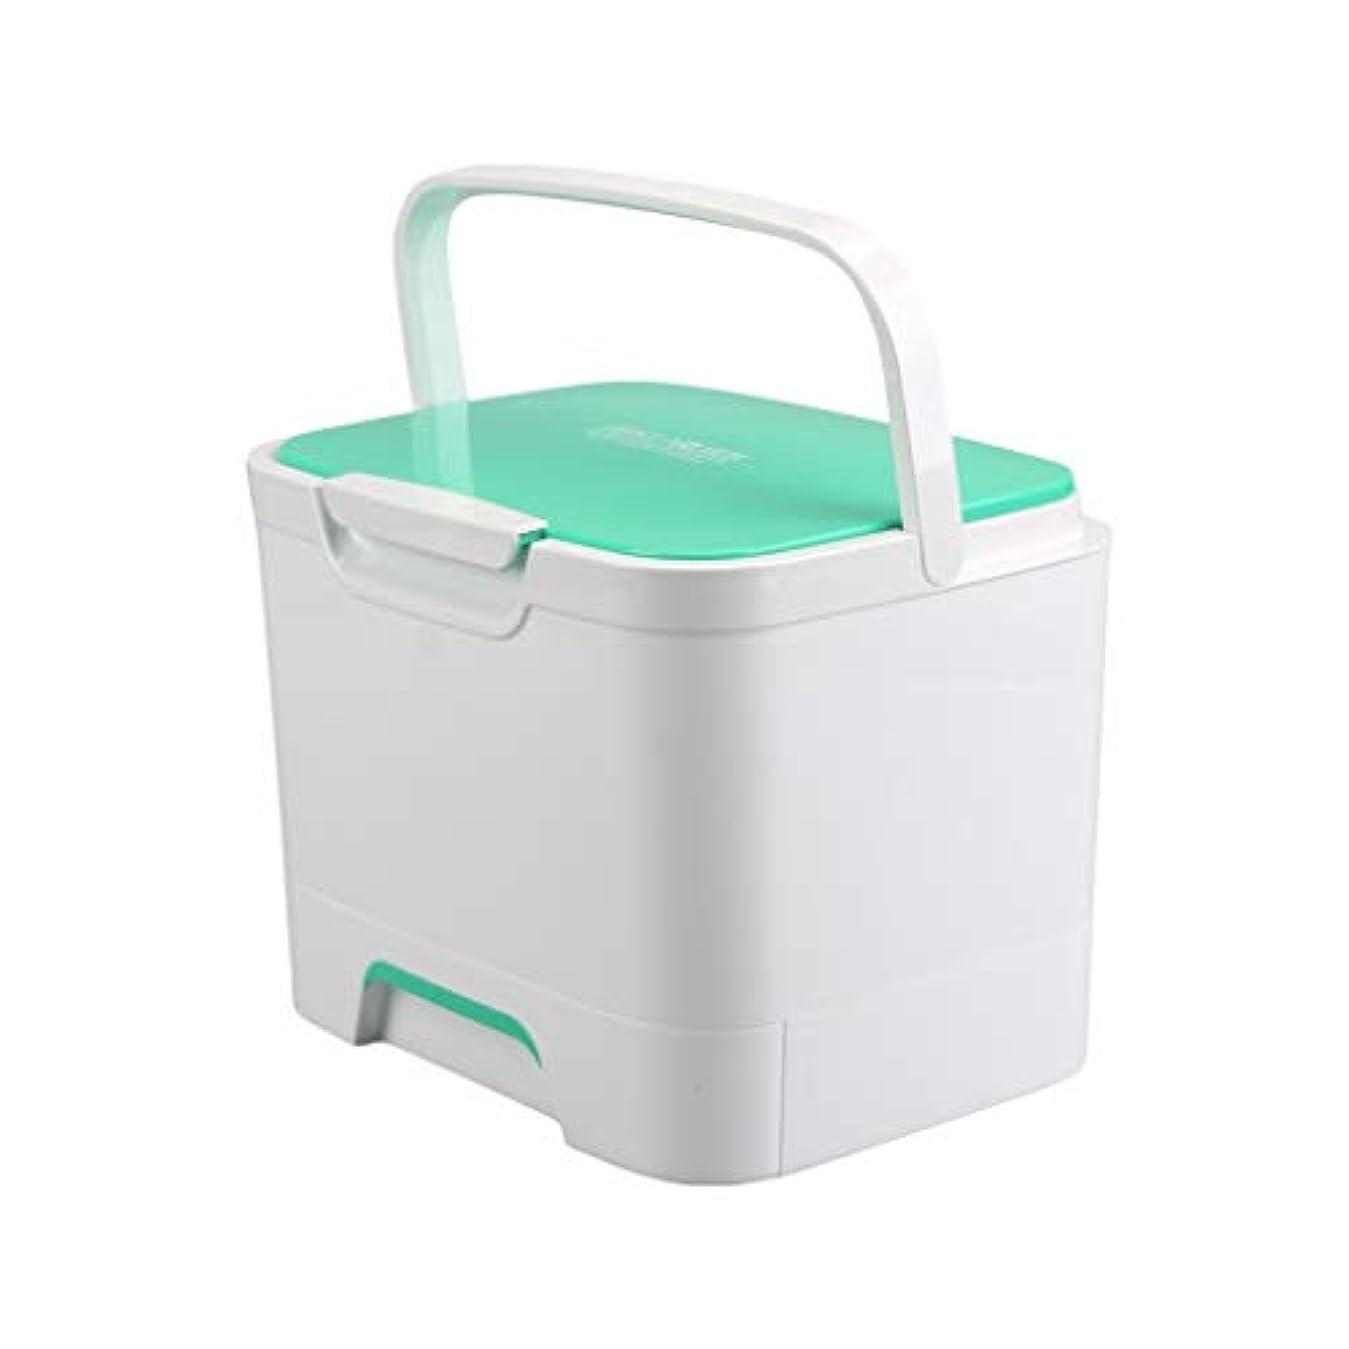 結果として高い楽観医療キットポータブルポータブル家庭用薬収納ボックス多層医療ボックス高品質プラスチック付きバックルグリーン SYFO